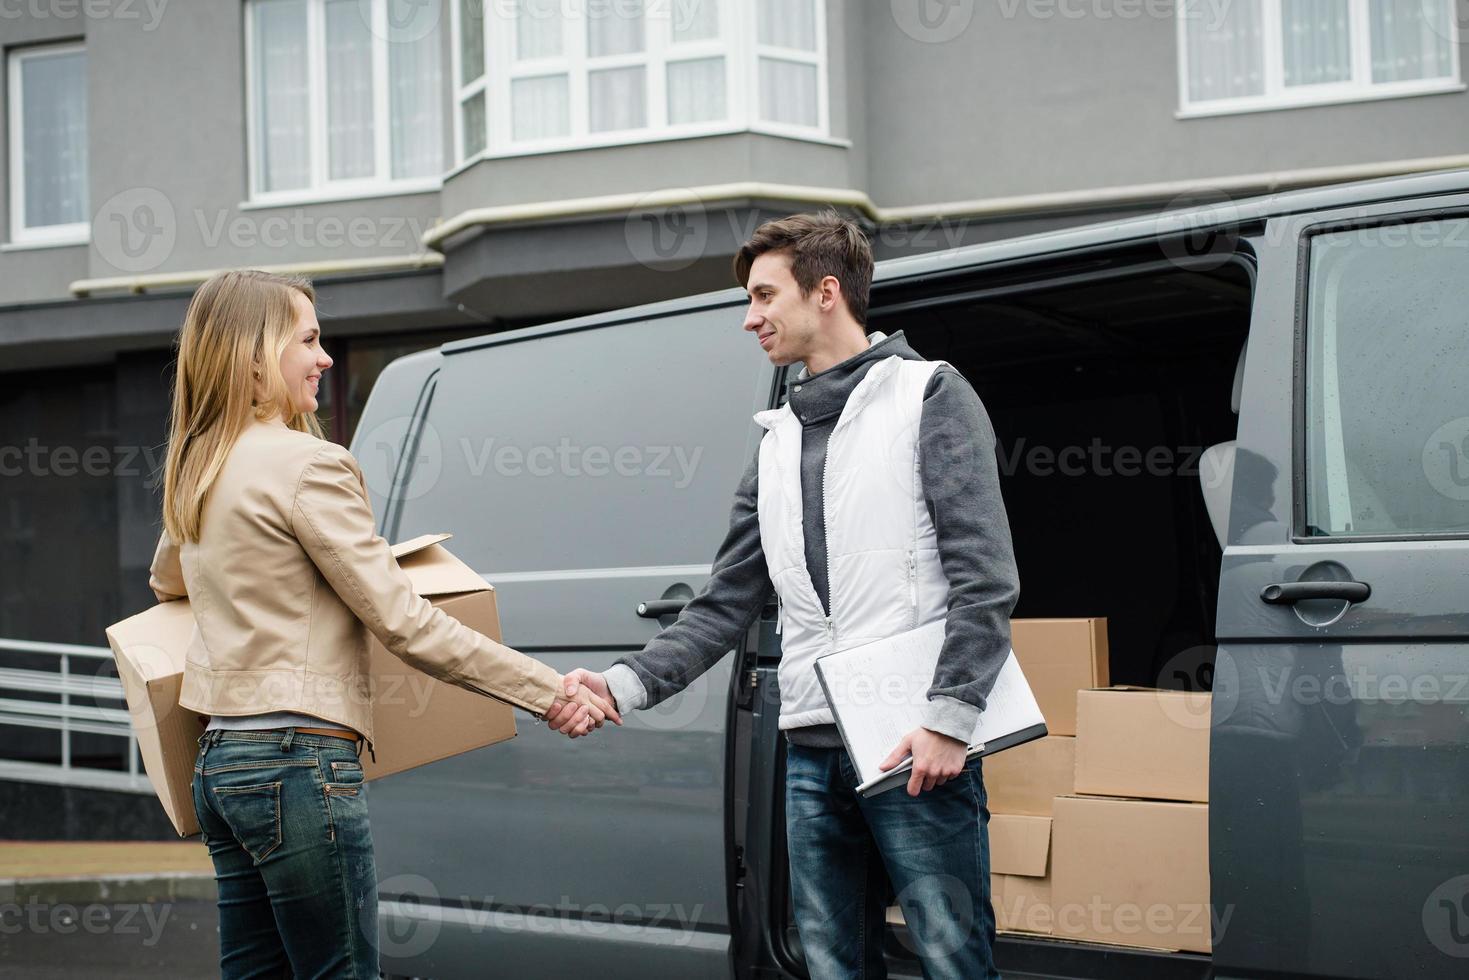 Kurier Händeschütteln in der Nähe des Lieferwagens, Frau erhält Box foto